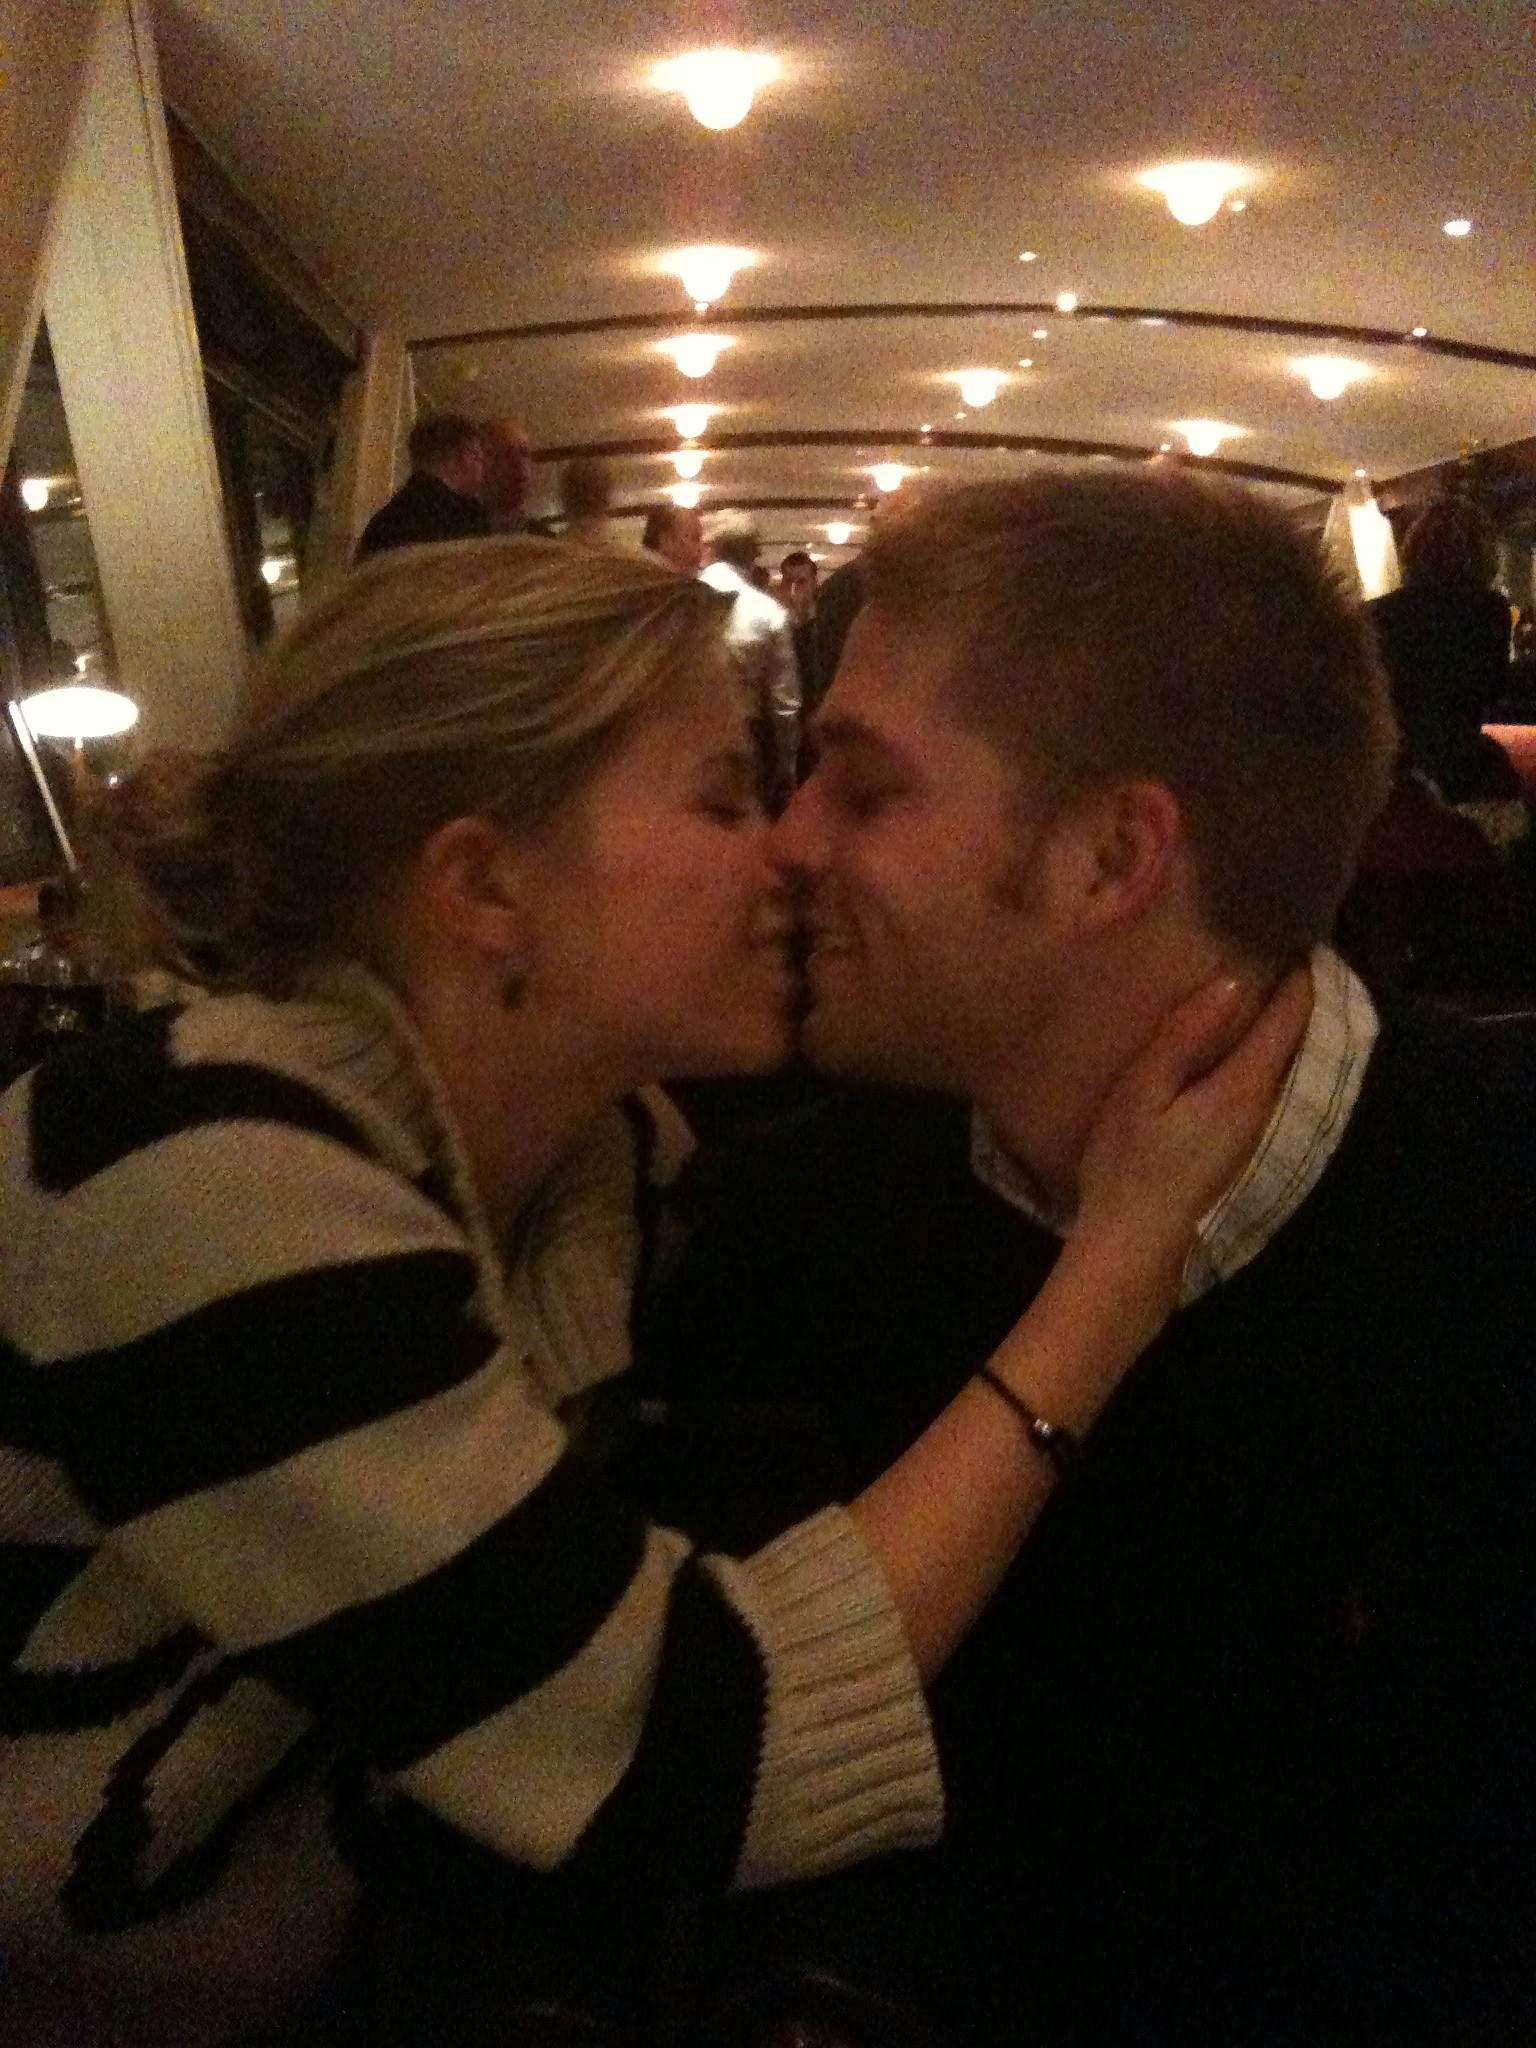 Leo kvinna dating en Jungfrun man